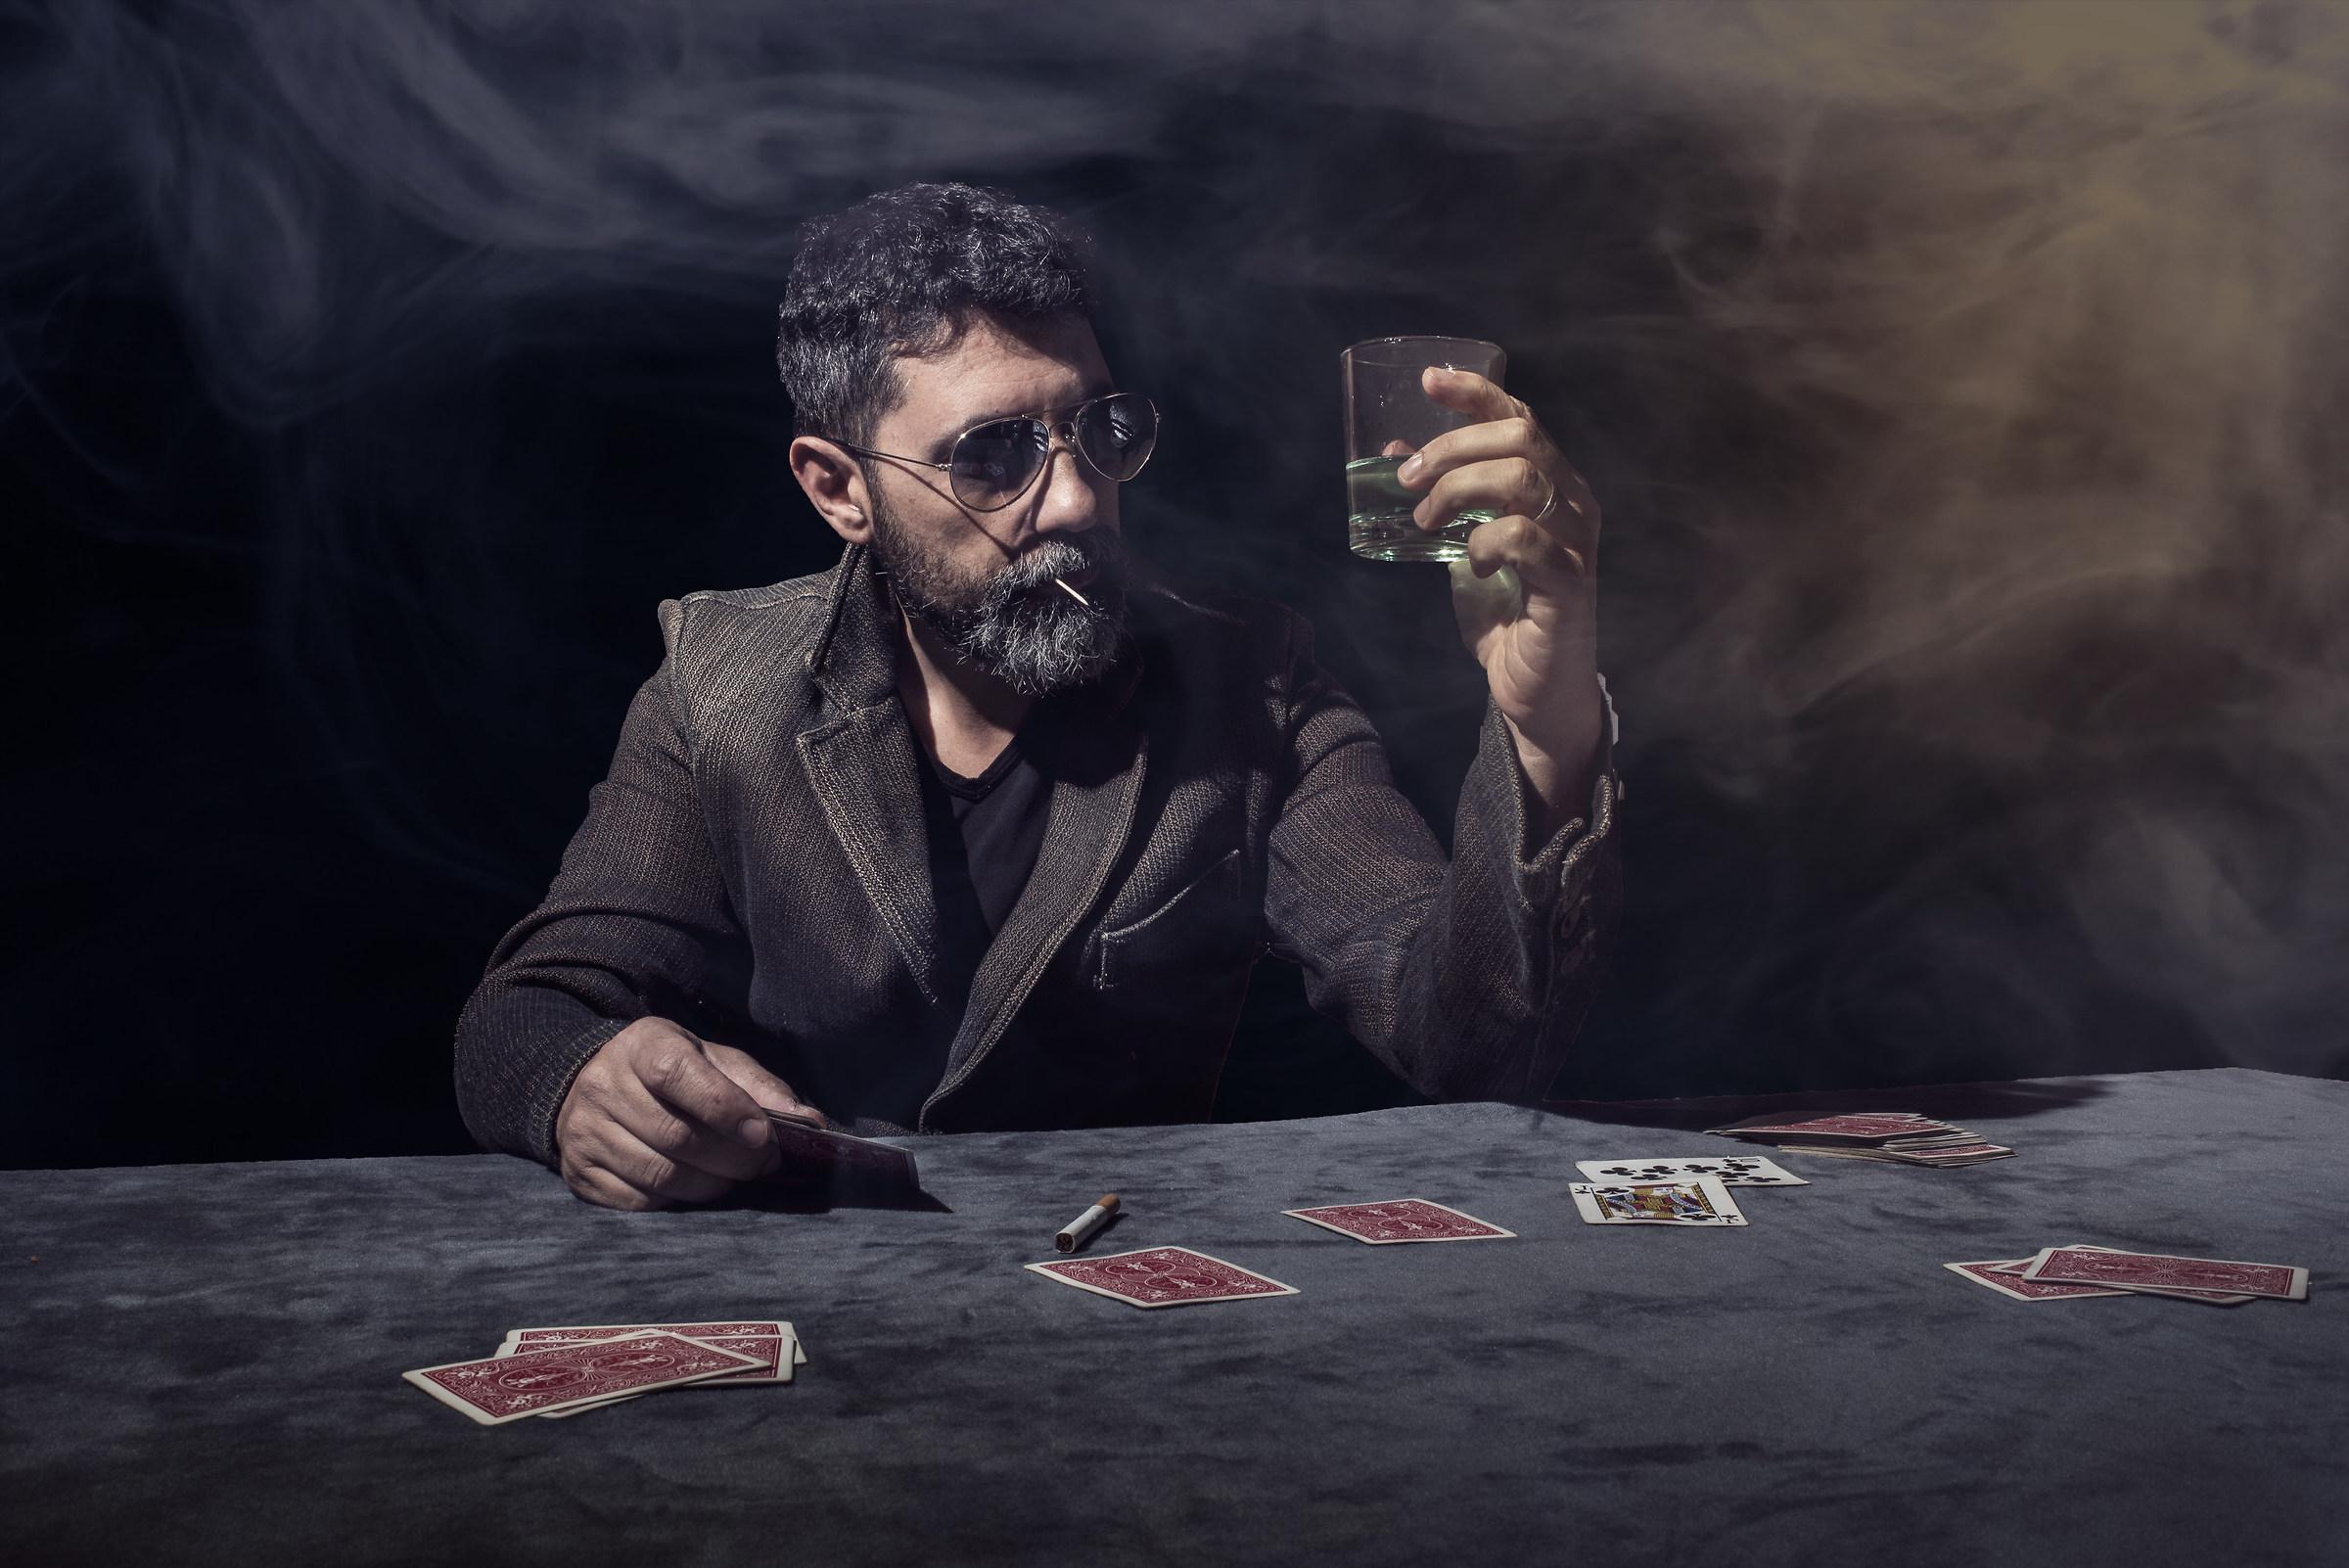 Gambling...